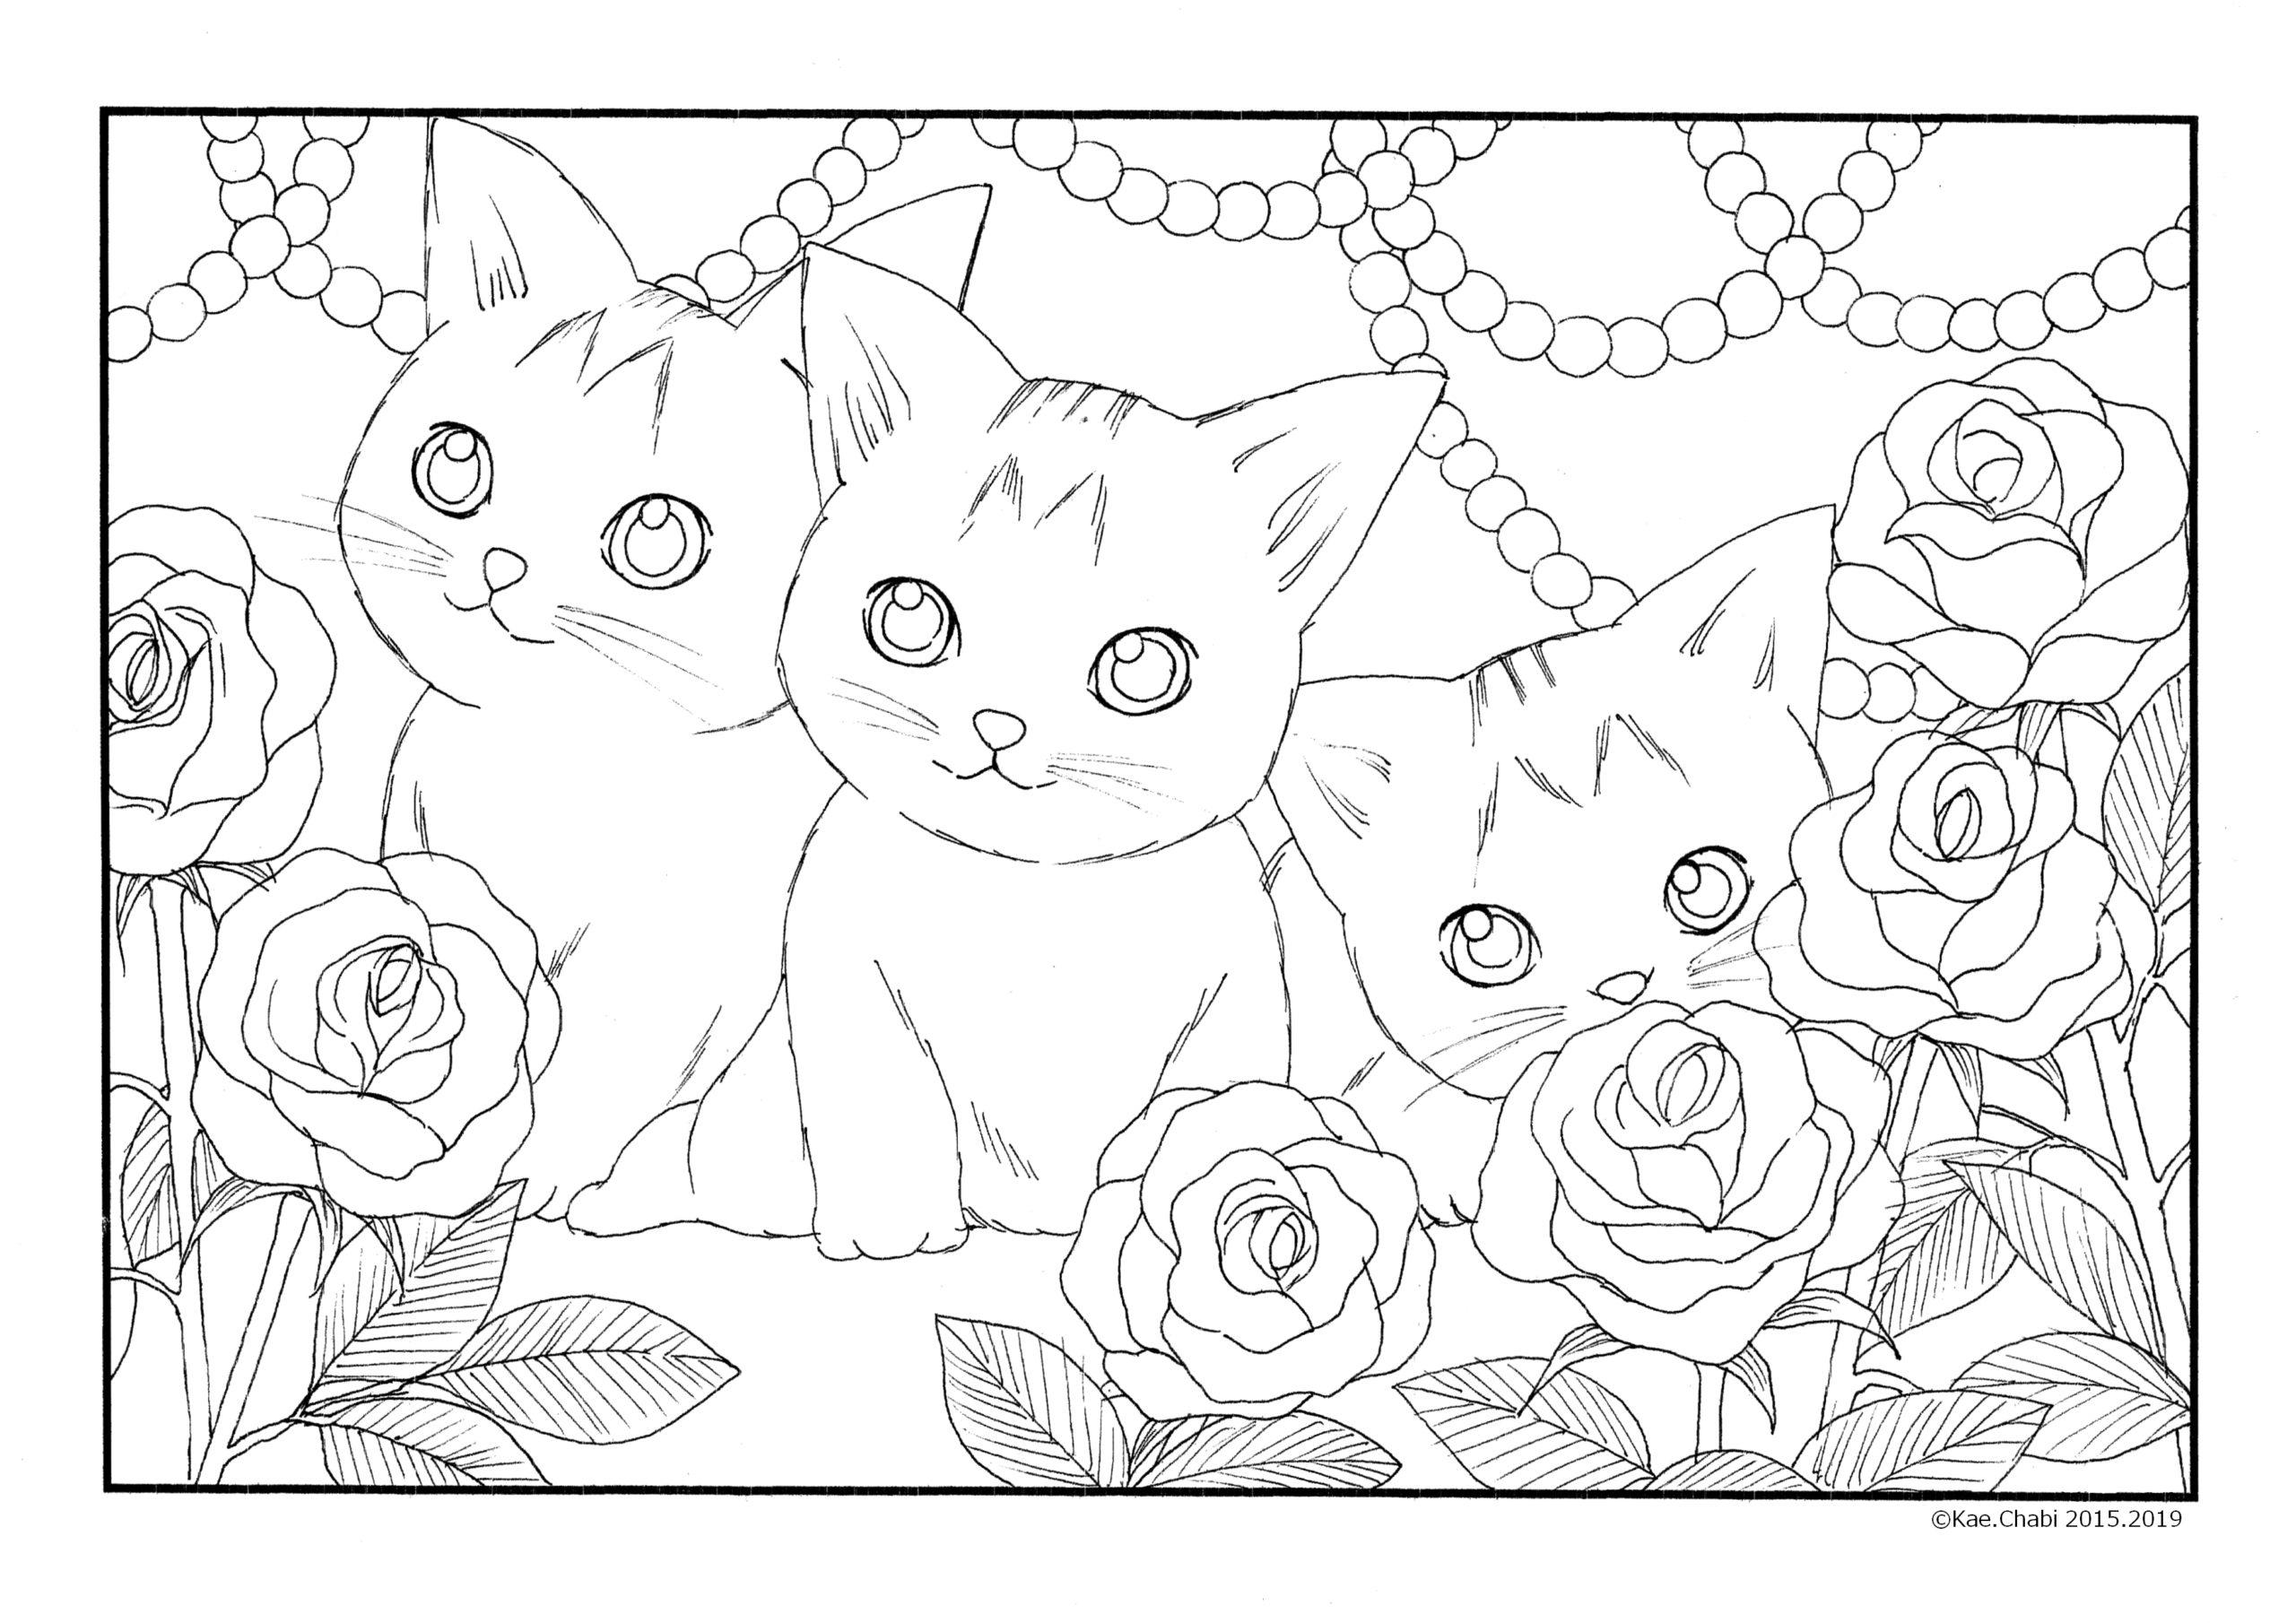 6月ぬりえ バラの花と猫 薔薇 真珠 6月誕生石 猫と女性 大人の塗り絵 アリス ハートの女王のバラ園 線画 かえちゃびのぬりえカレンダー